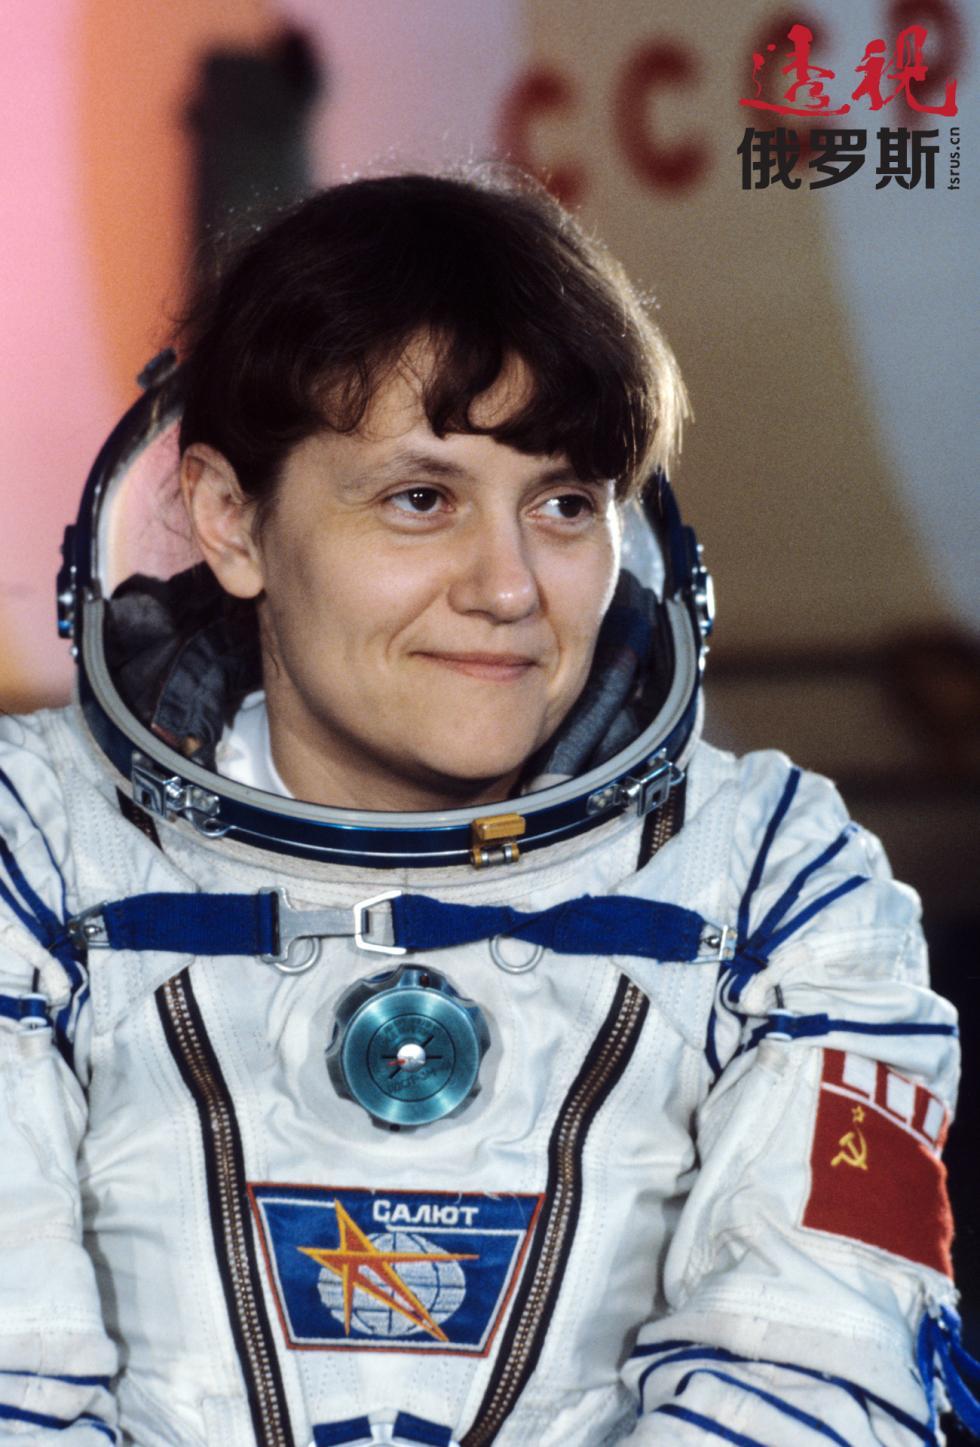 第二位女性斯韦特兰娜·萨维茨卡娅,1984年。图片来源:塔斯社